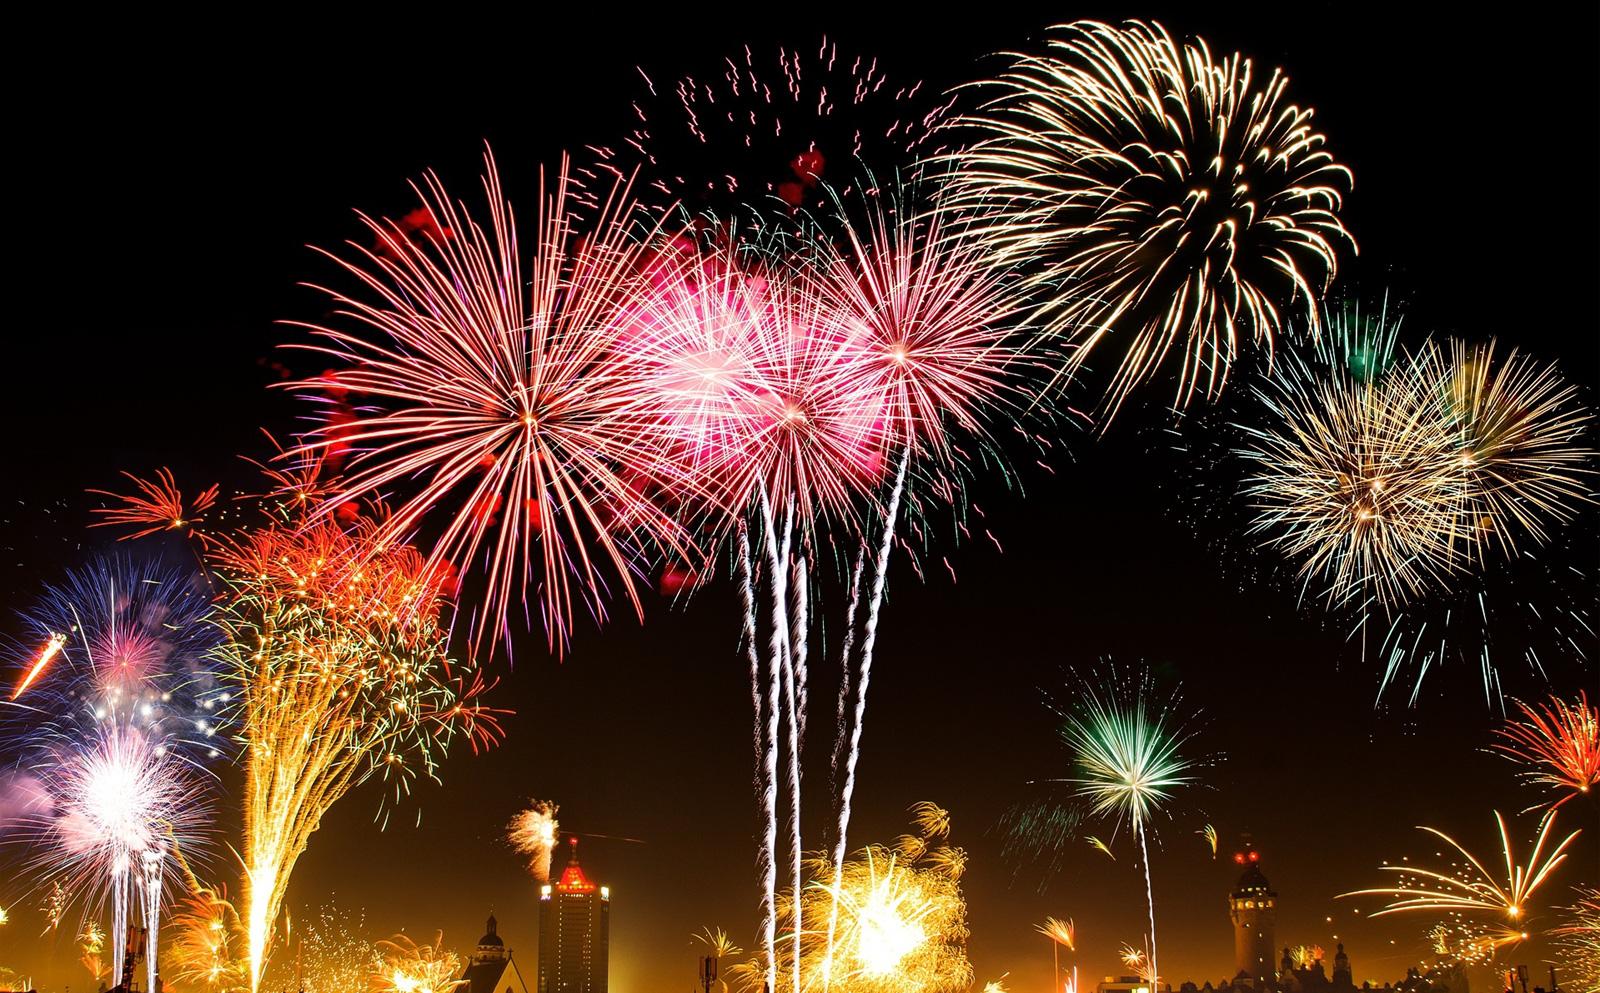 Từ 11/1/2021, người dân được sử dụng pháo hoa dịp lễ, Tết, sinh nhật, đám cưới